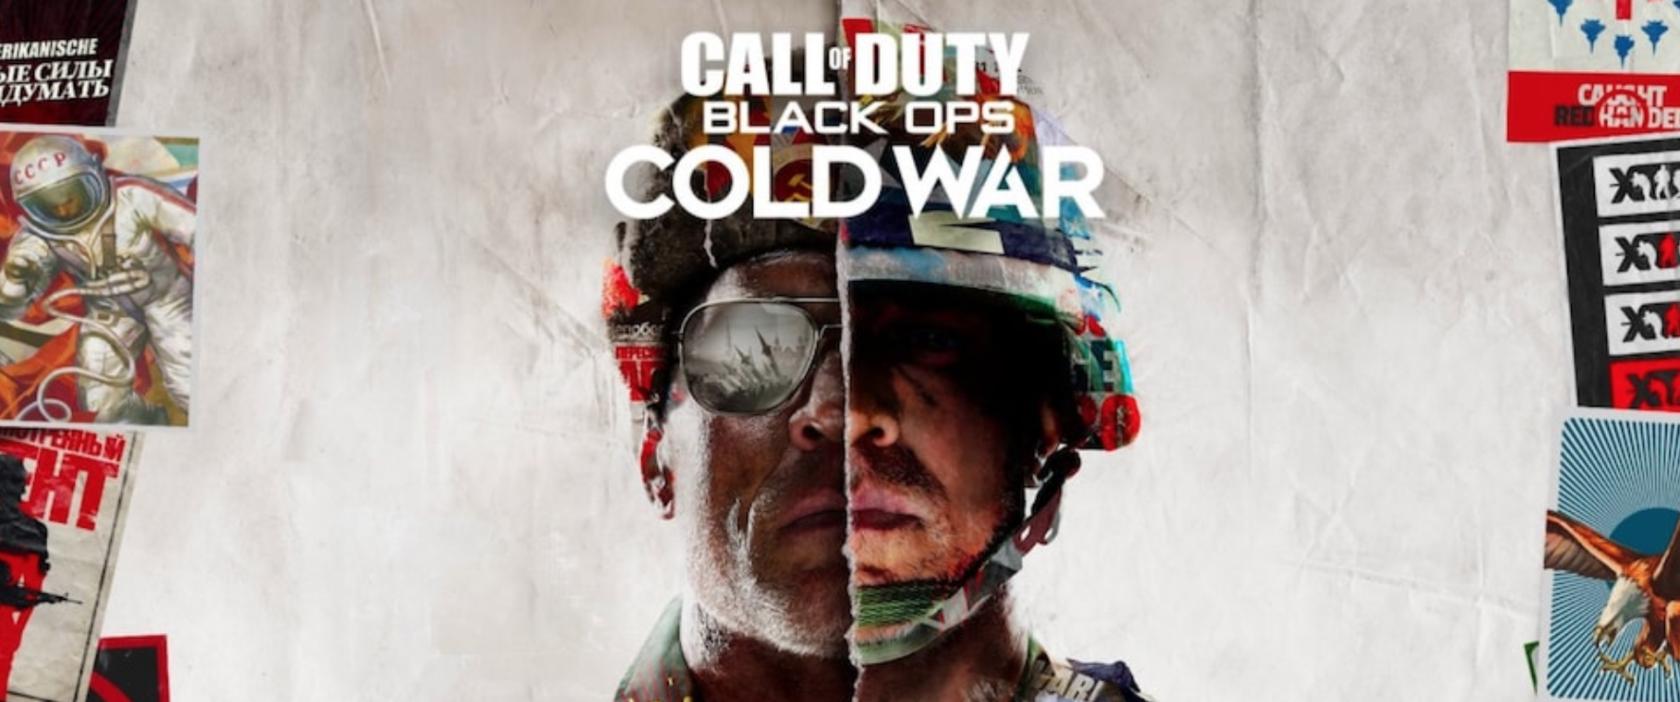 Call of Duty Black Ops Cold War и Junior IT курсы программирования для детей